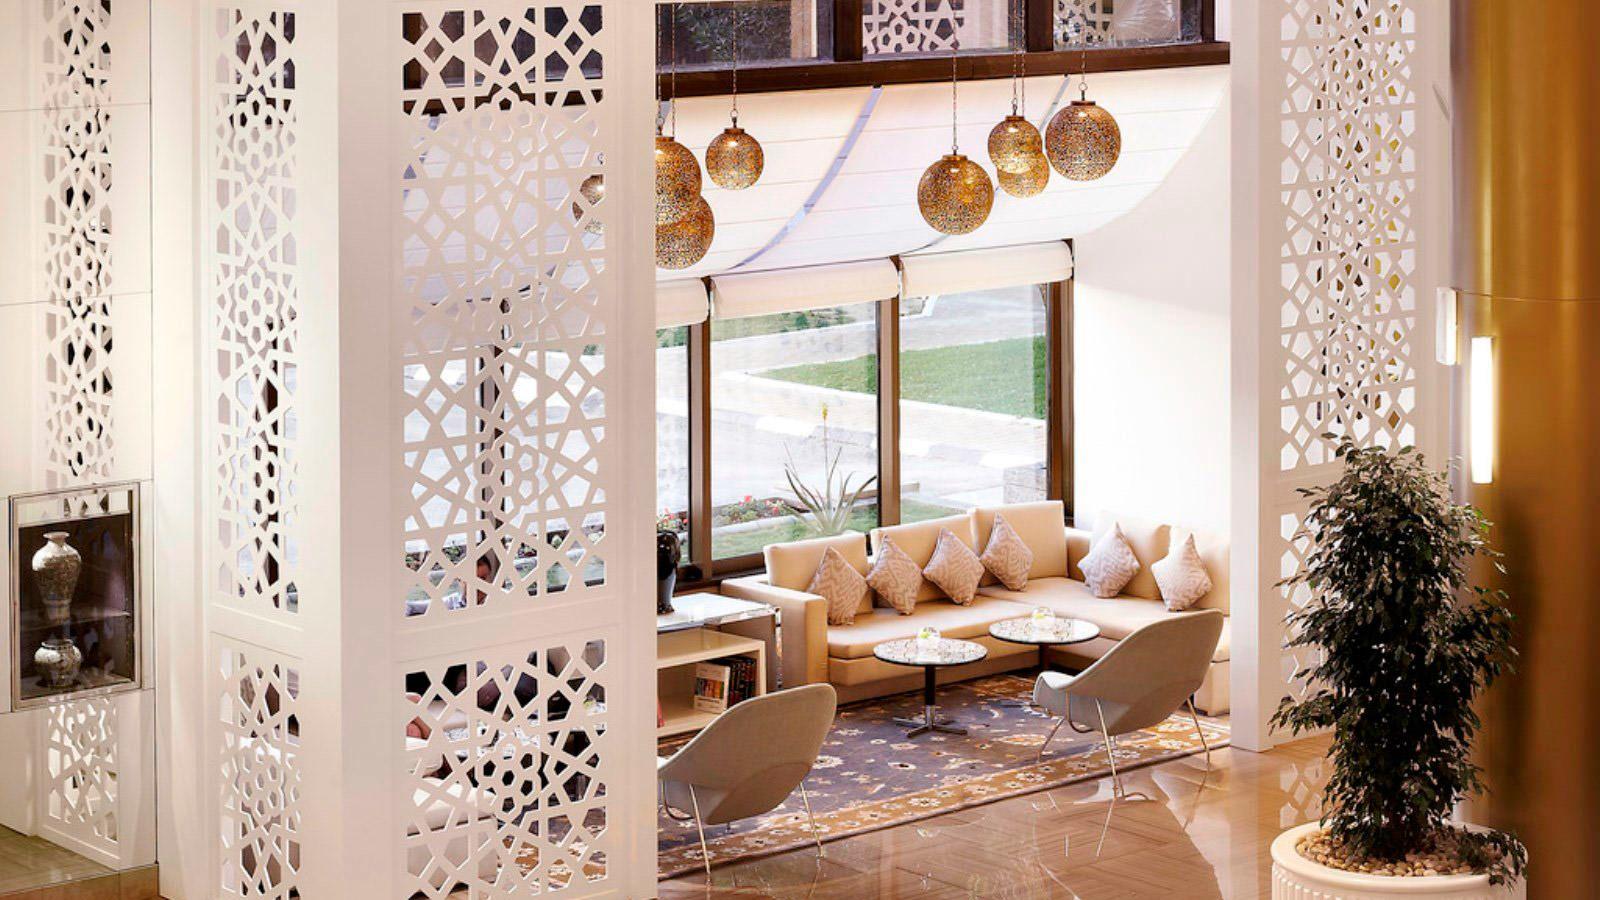 Modern Moroccan Interior Design L 050f825a9accbe94 1600x